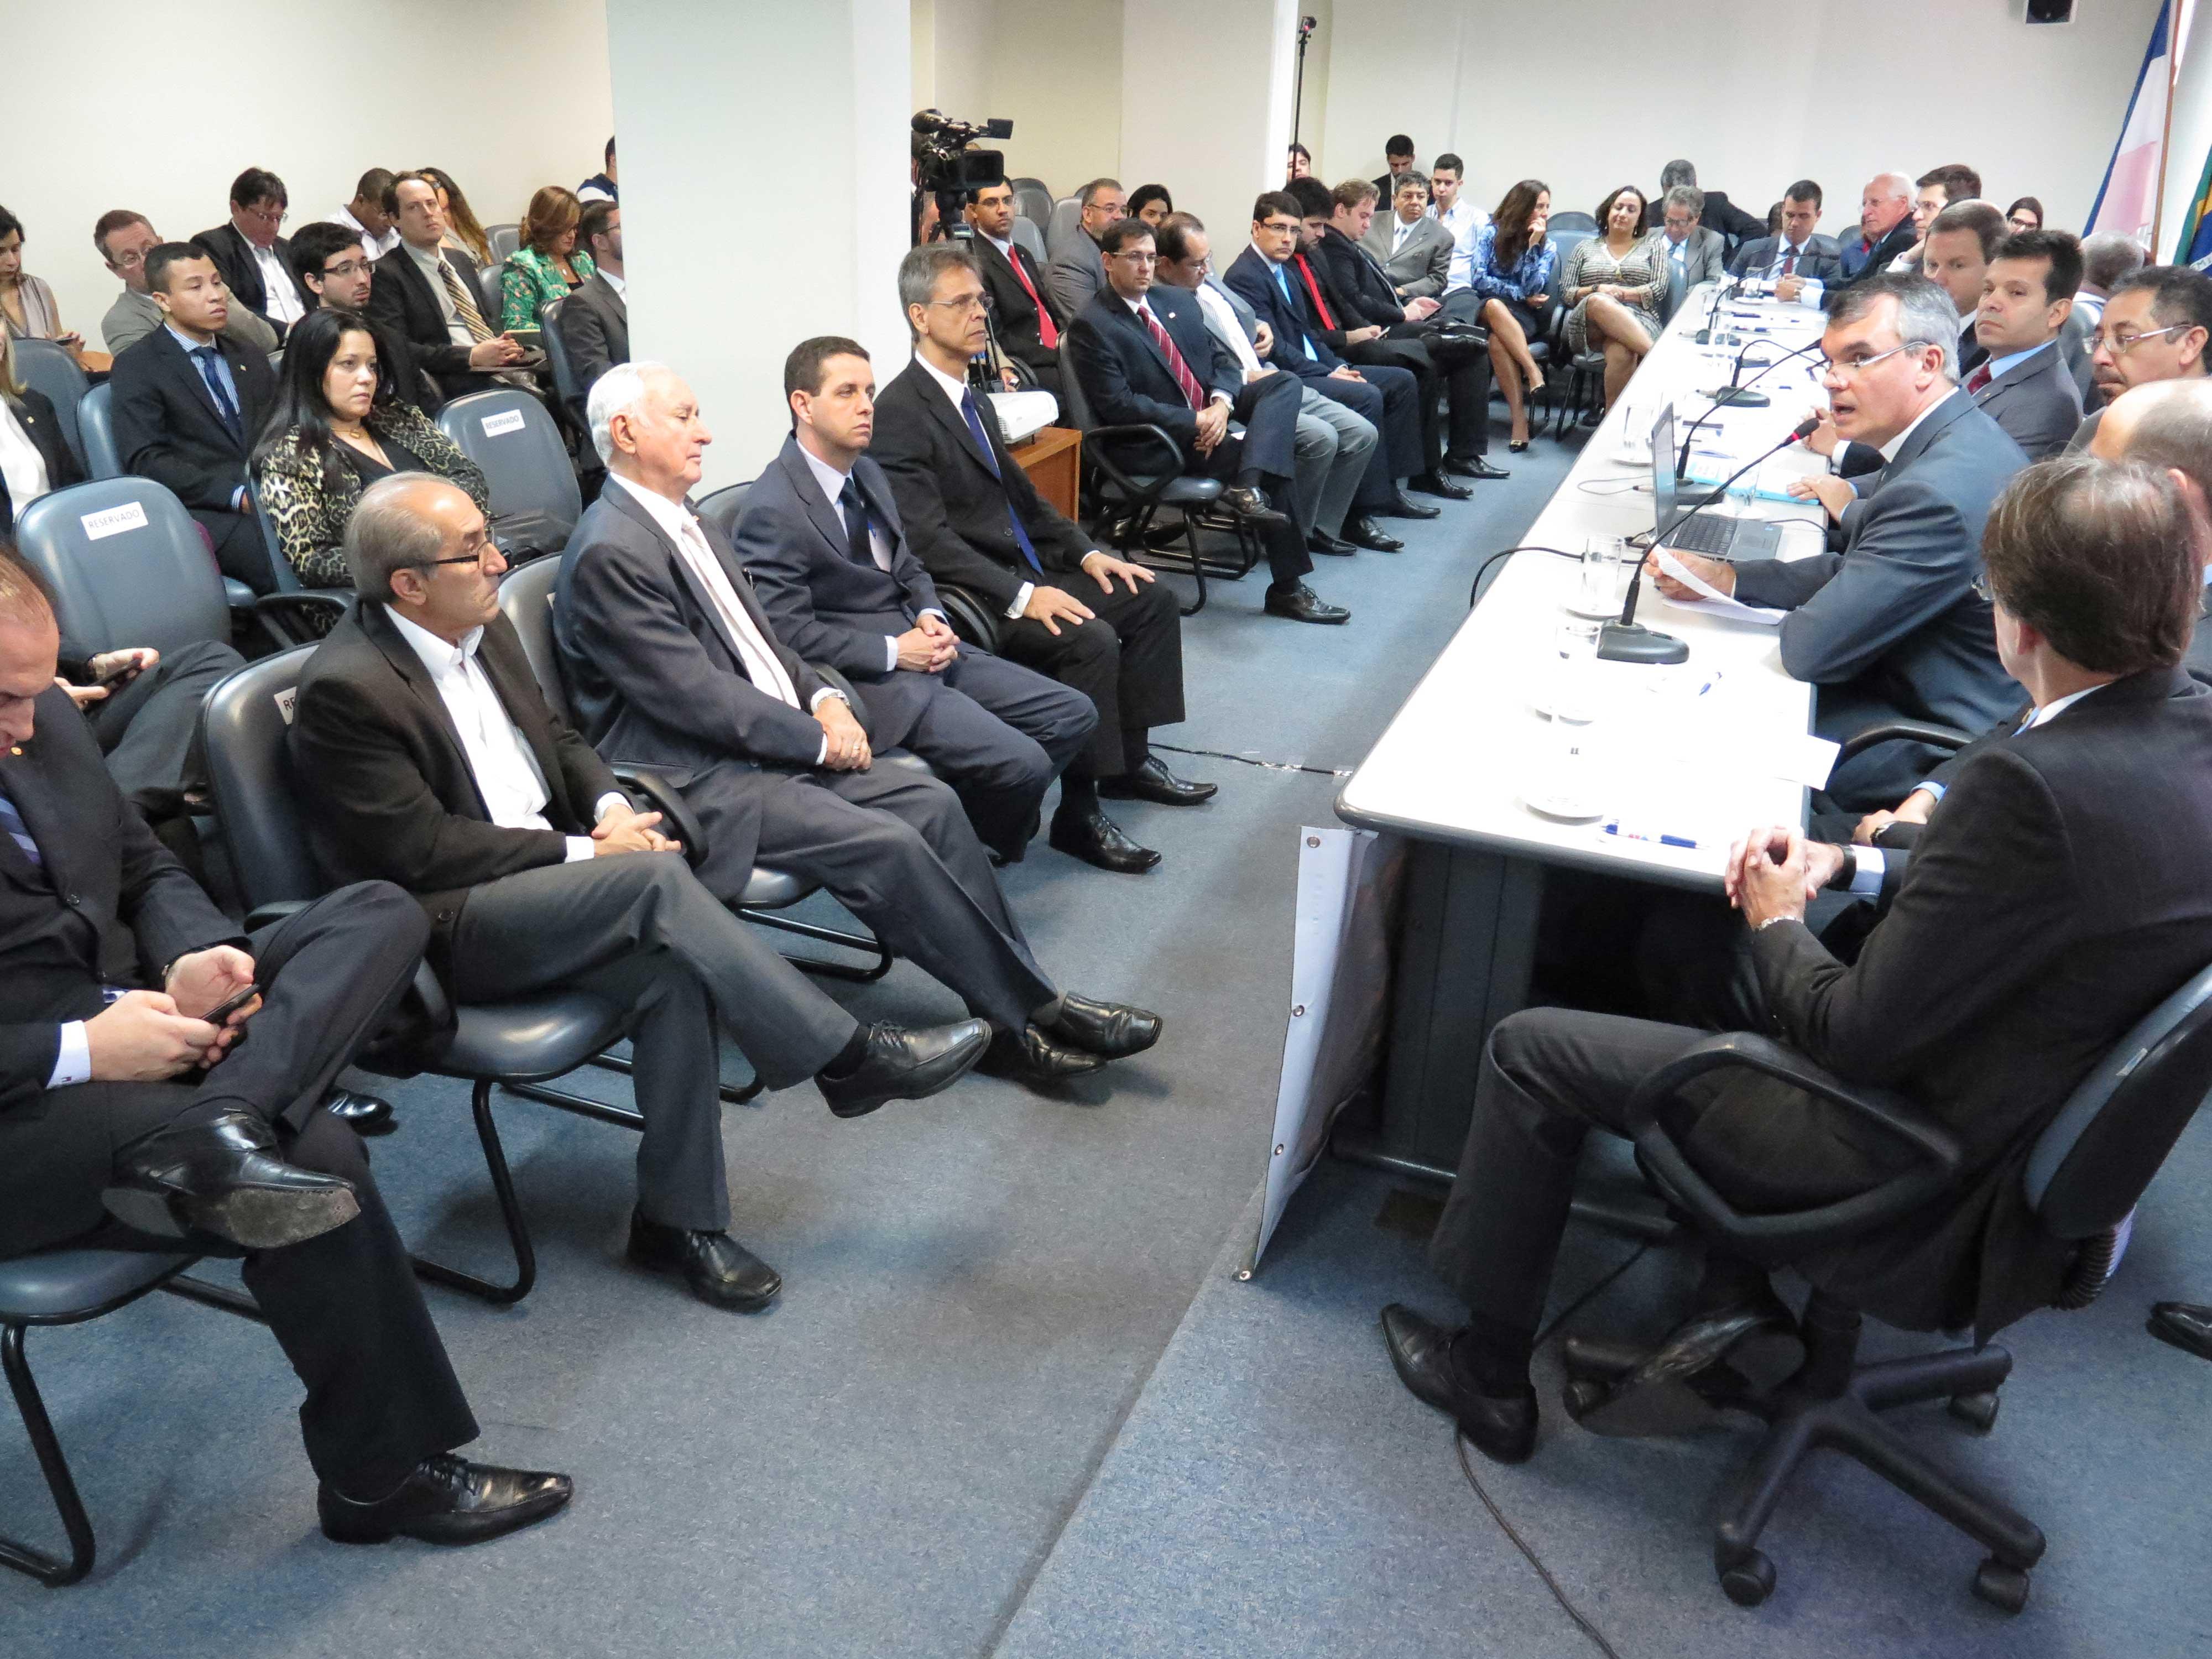 Muitas autoridades participaram do evento. Foto: Sérgio Cardoso/Divulgação.